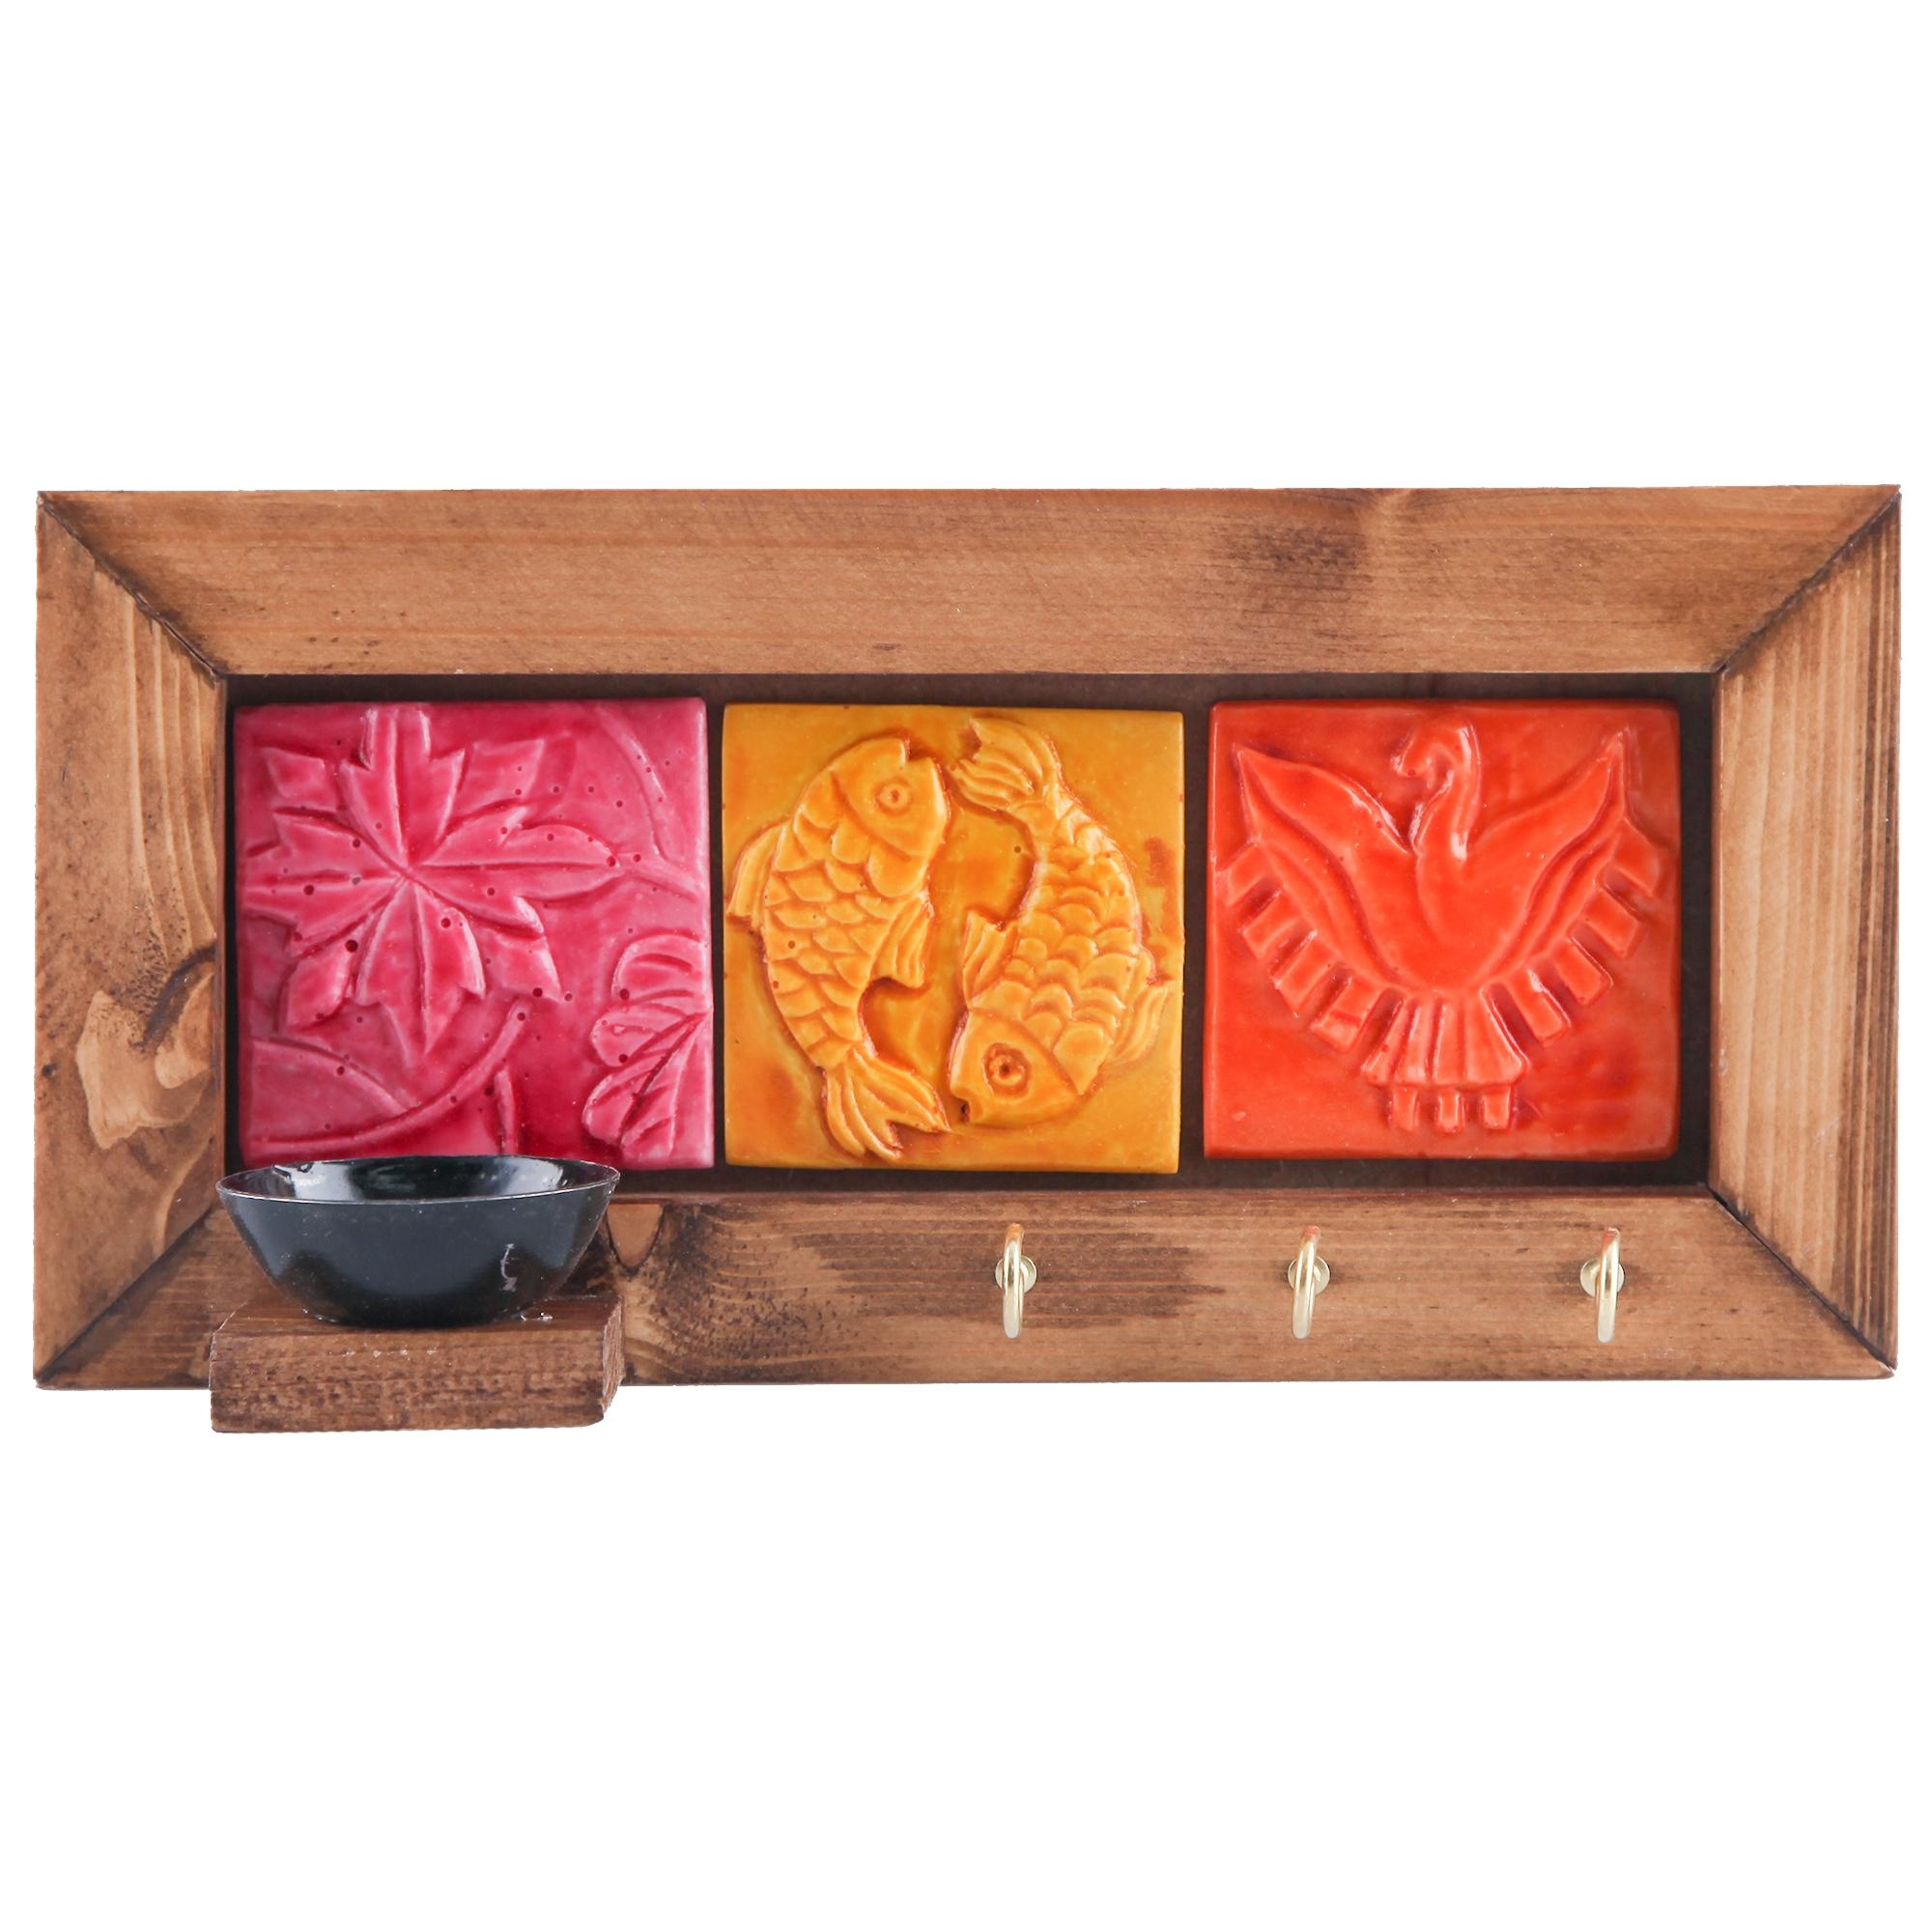 خرید                      جاکلیدی گالری پارسا آرا طرح سه خشت رنگی کد 312004